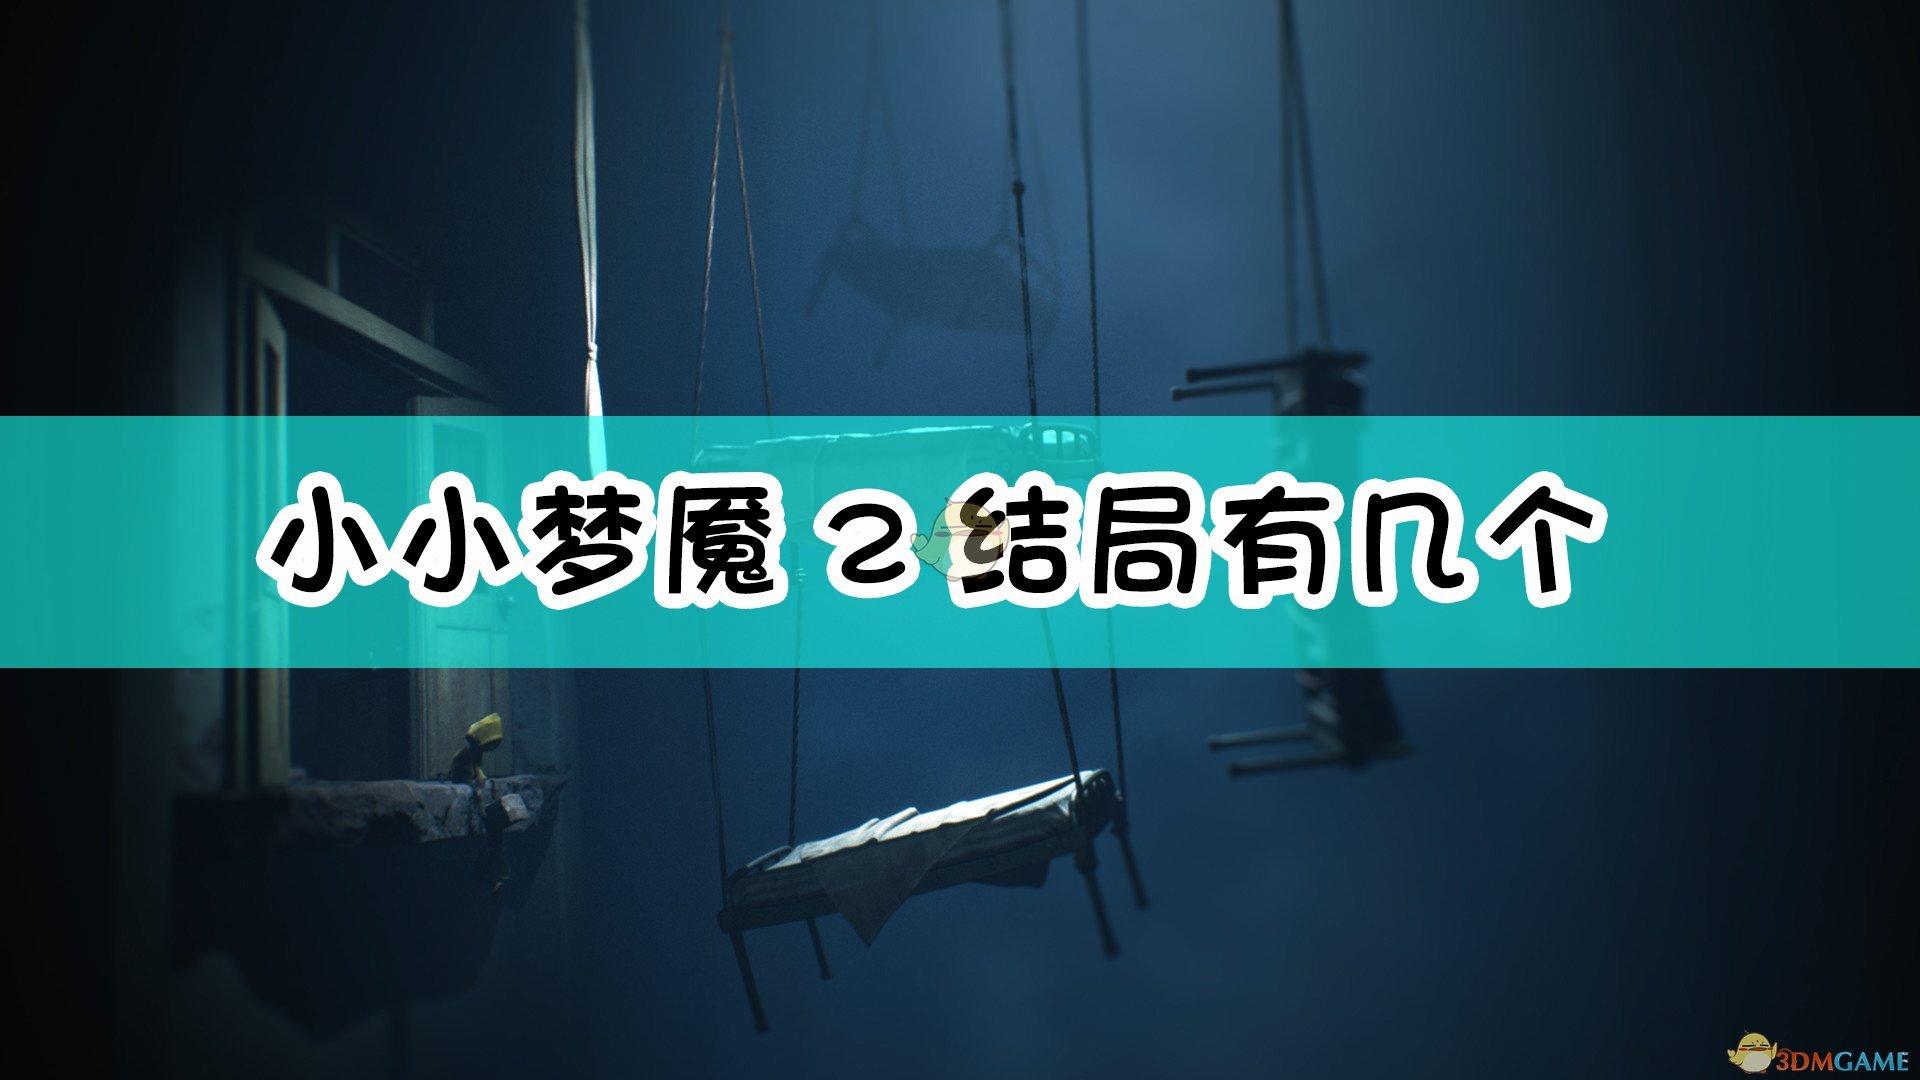 《小小梦魇2》2种结局介绍